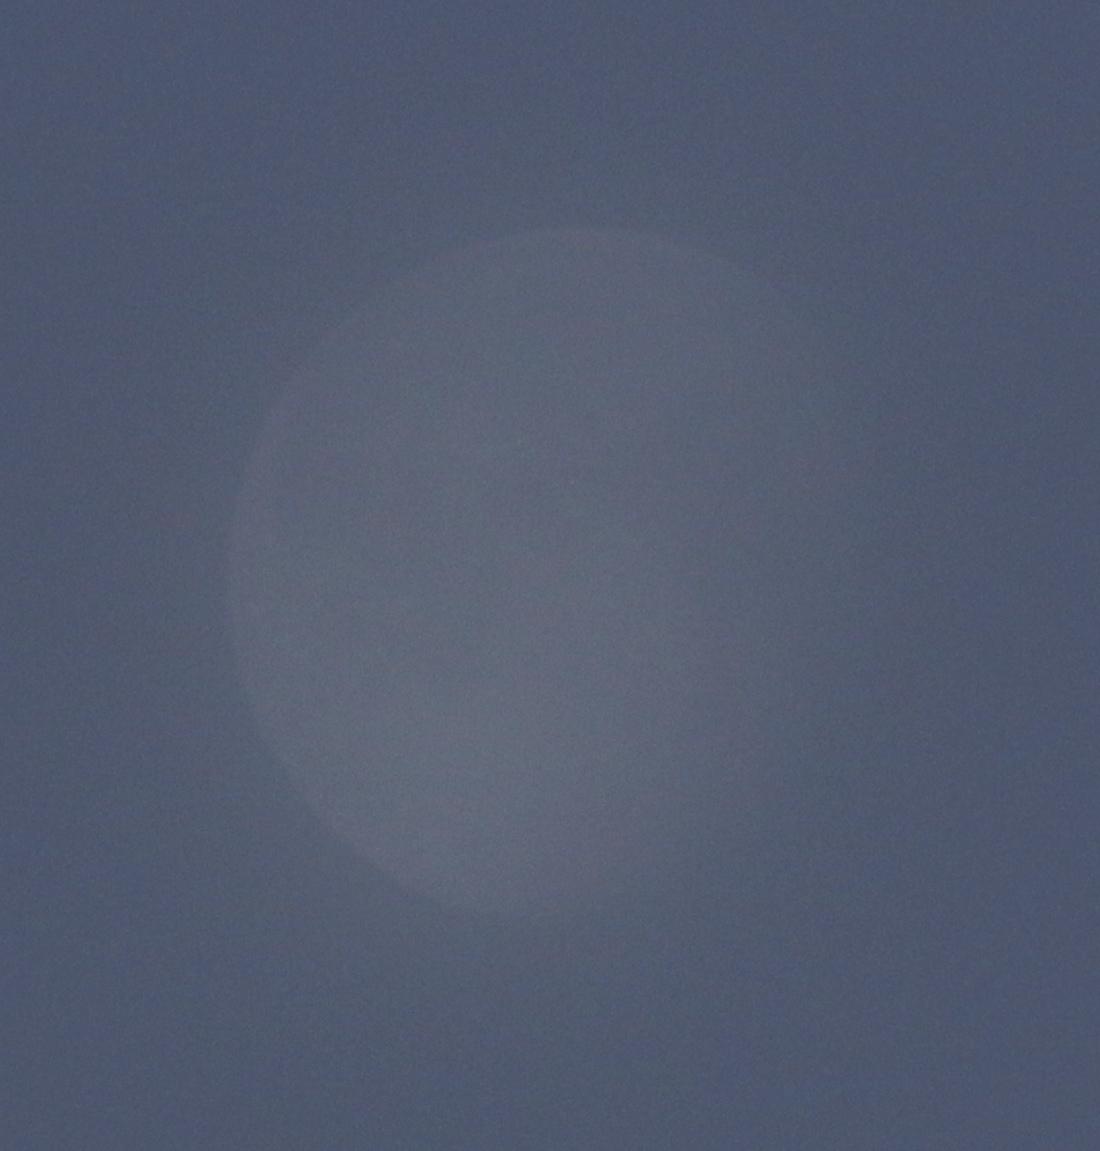 la lune le 12/03/2020 (50131)